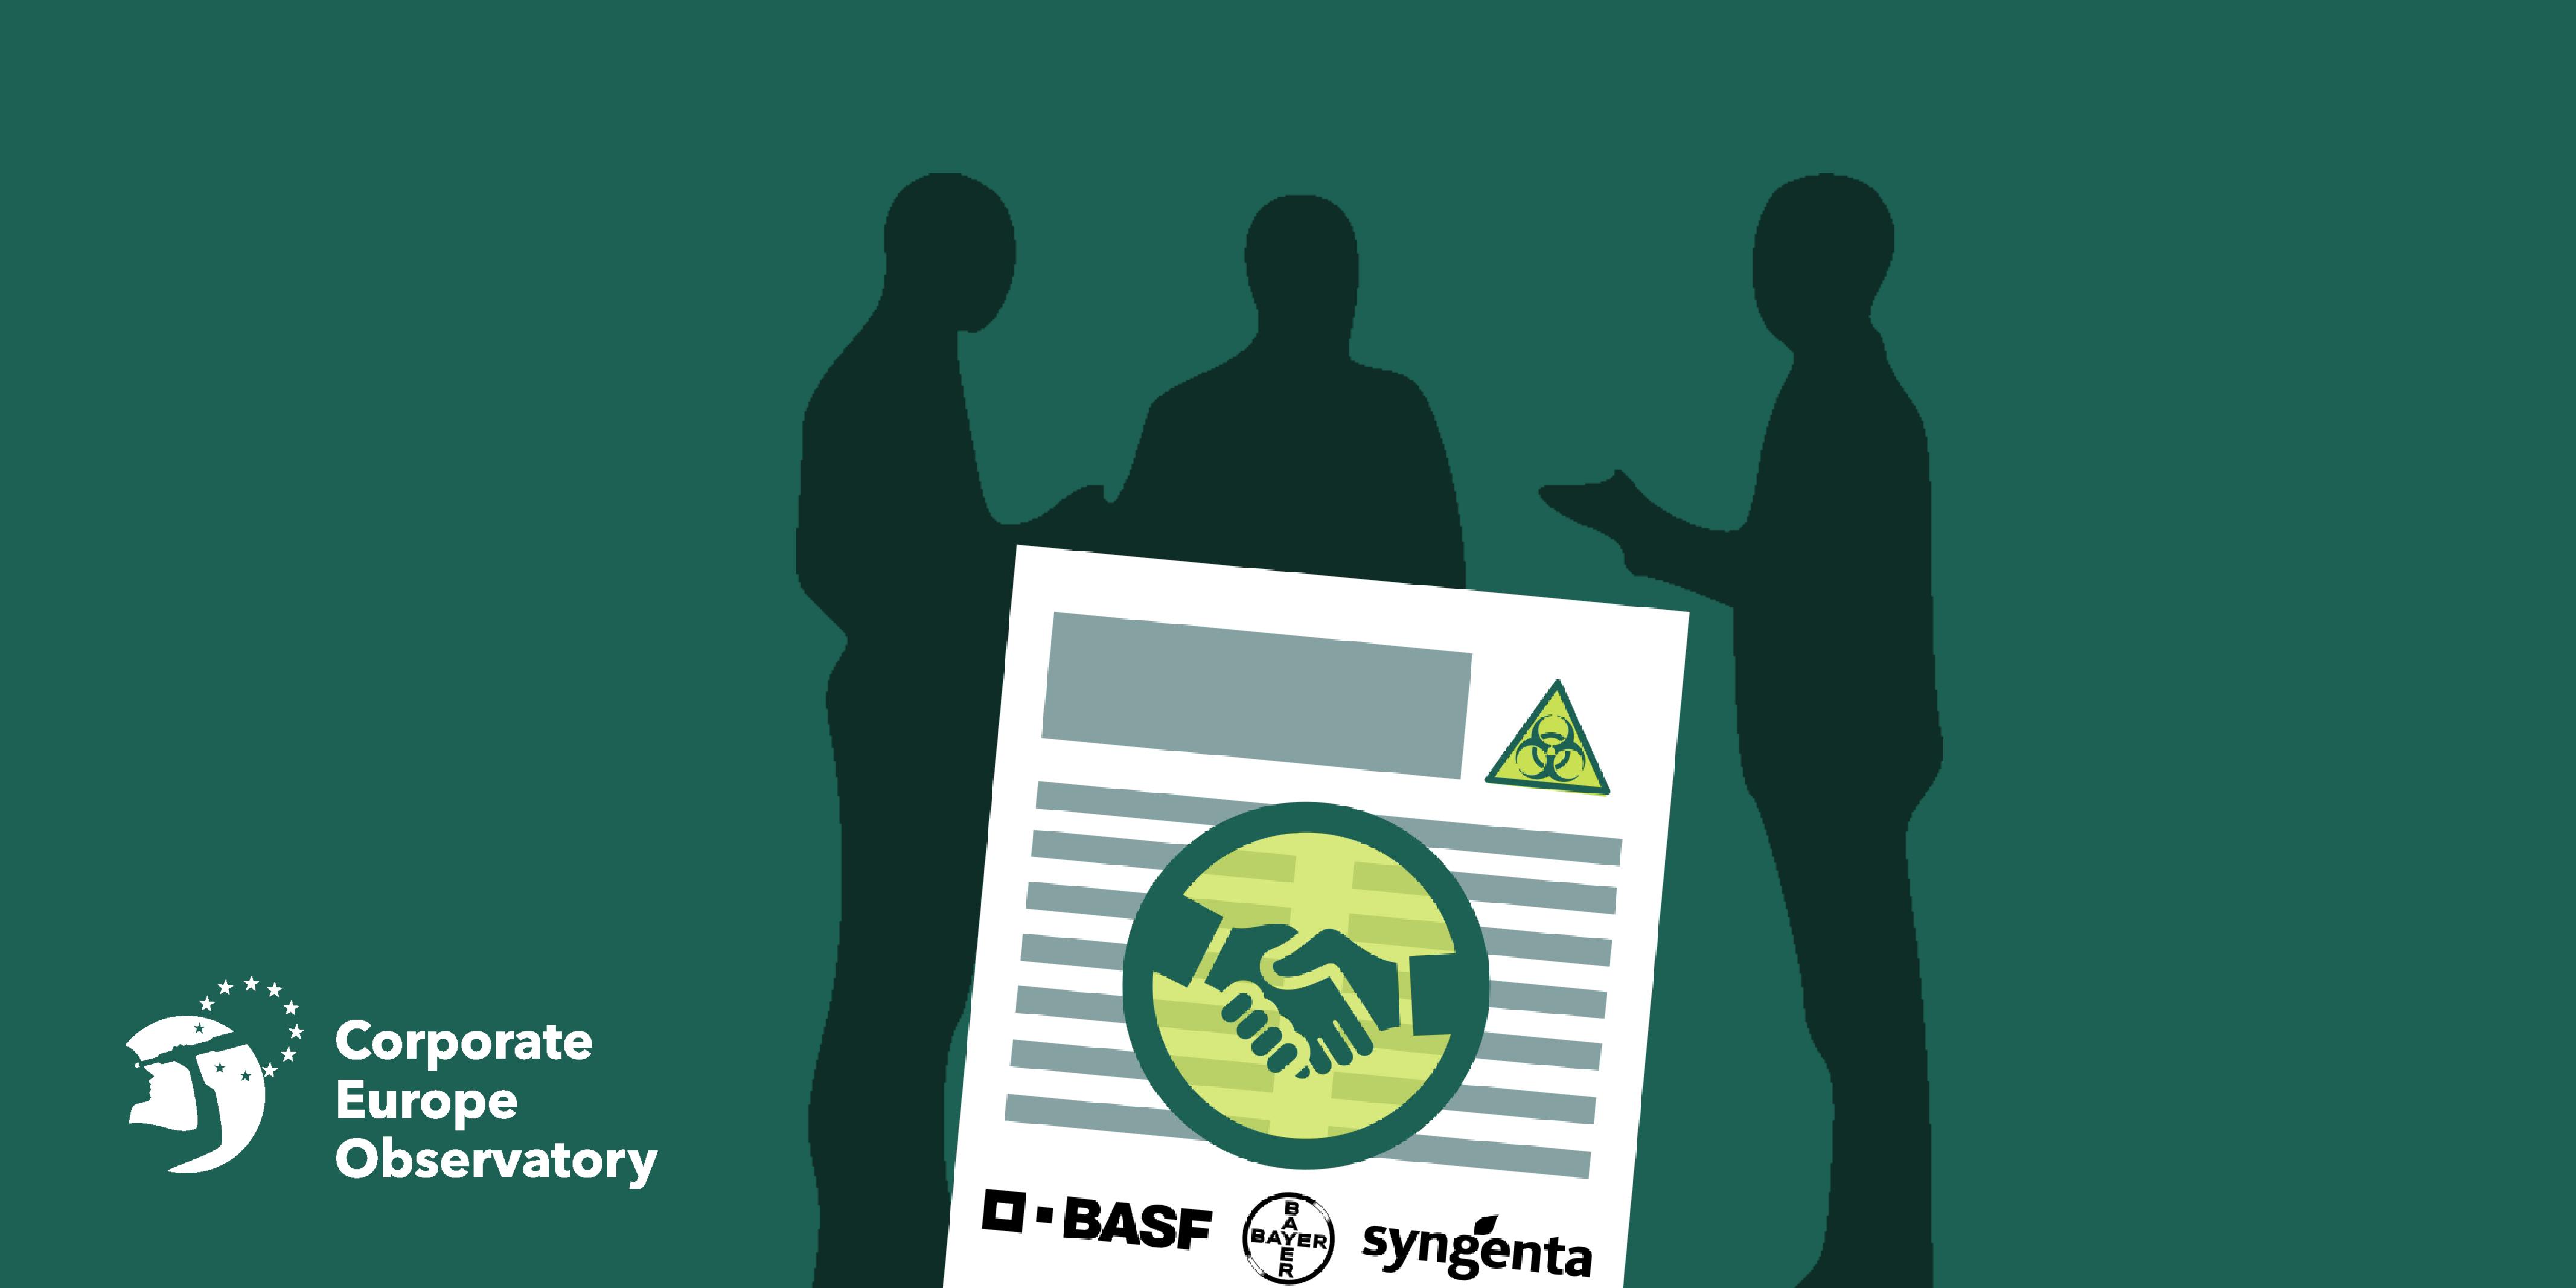 Οι κολοσσοί βιοτεχνολογίας (και το Ίδρυμα Γκέιτς) θέλουν τους GMOs εκτός ελέγχου στην Ευρώπη